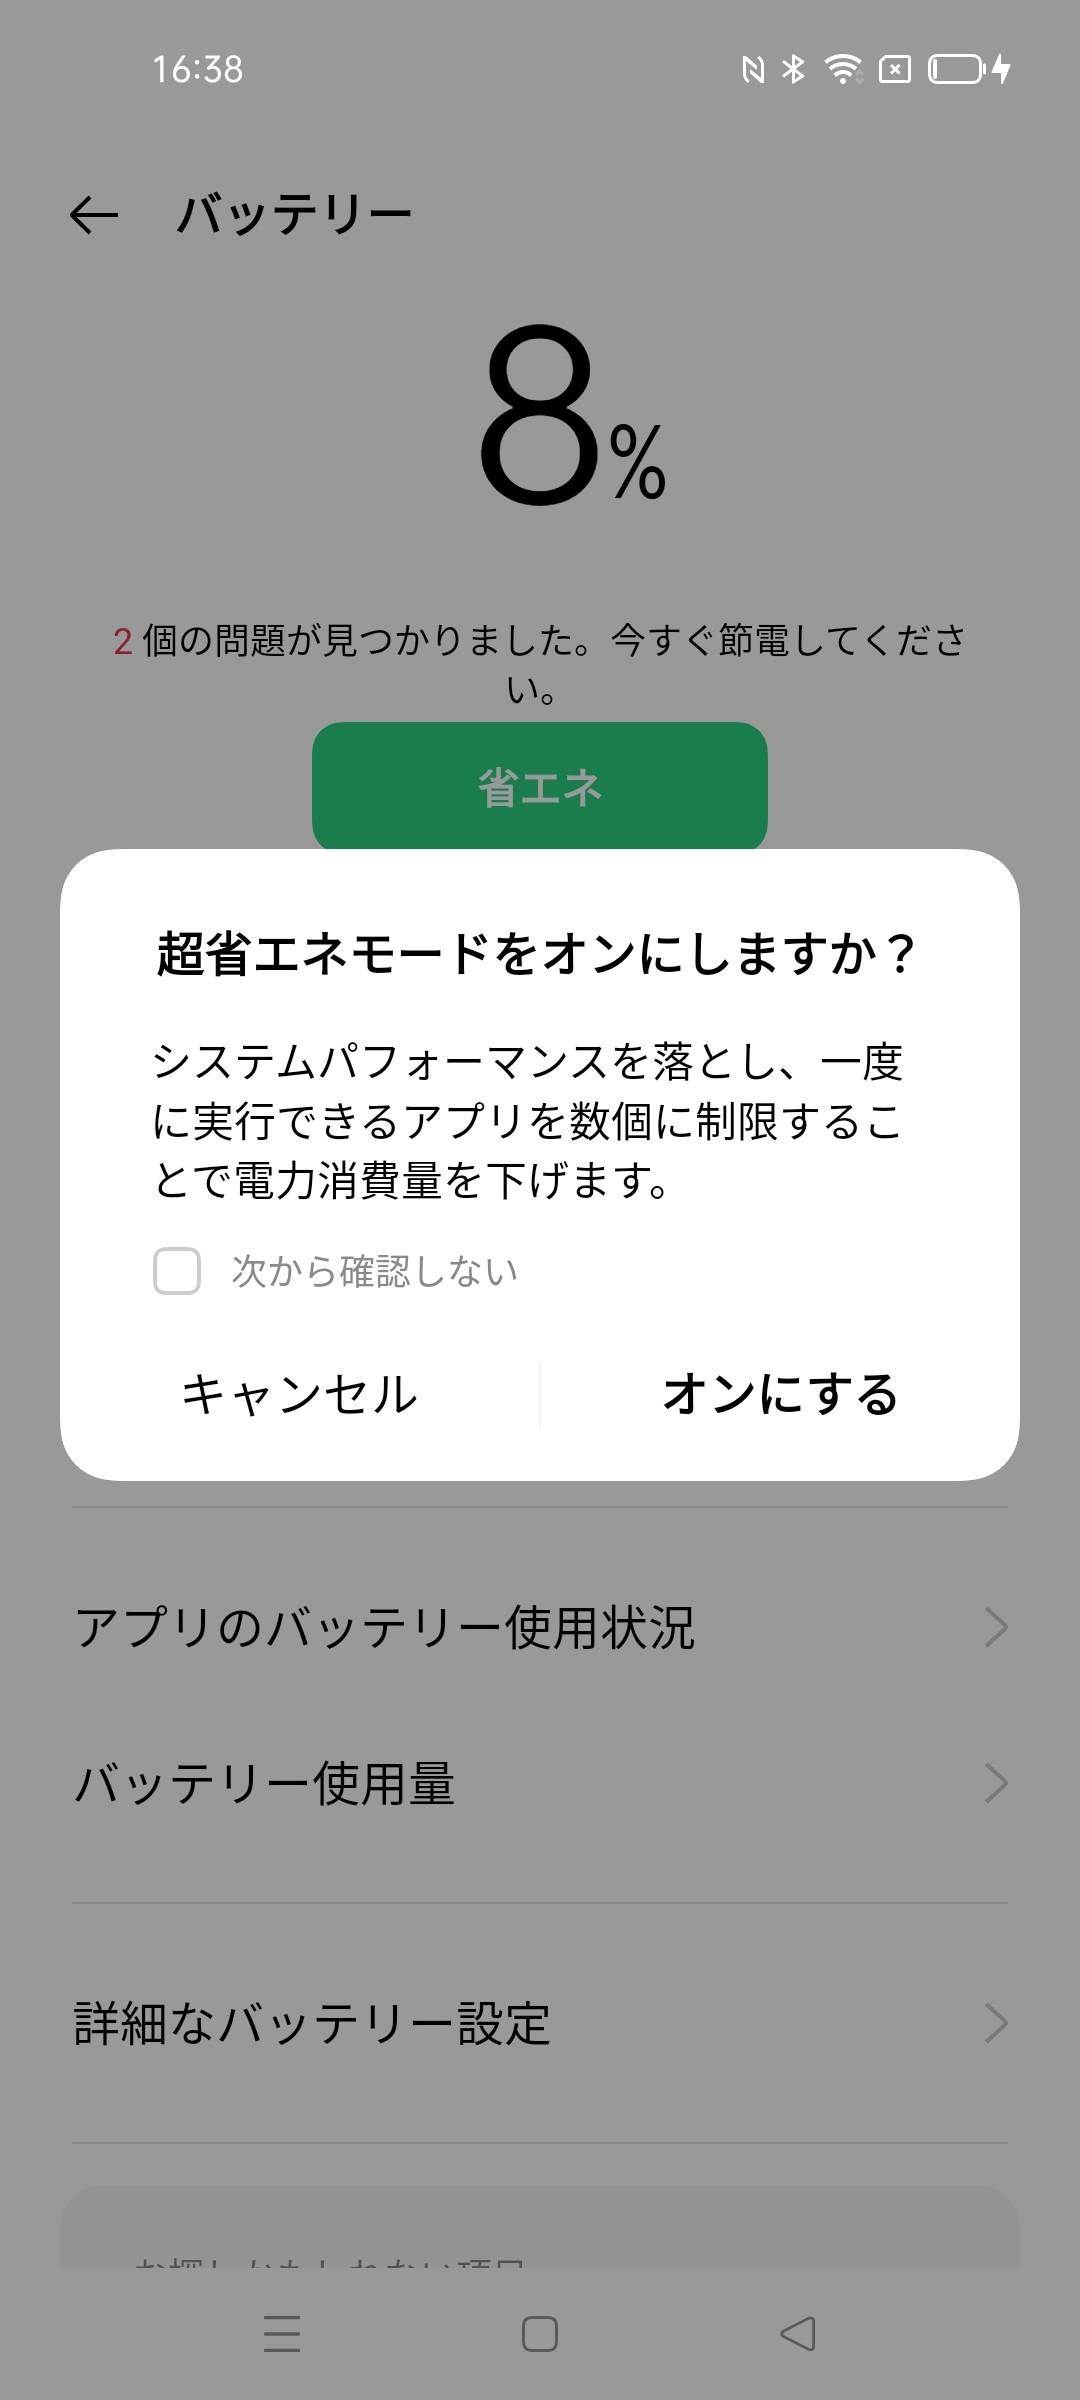 f:id:Azusa_Hirano:20210706170305j:plain